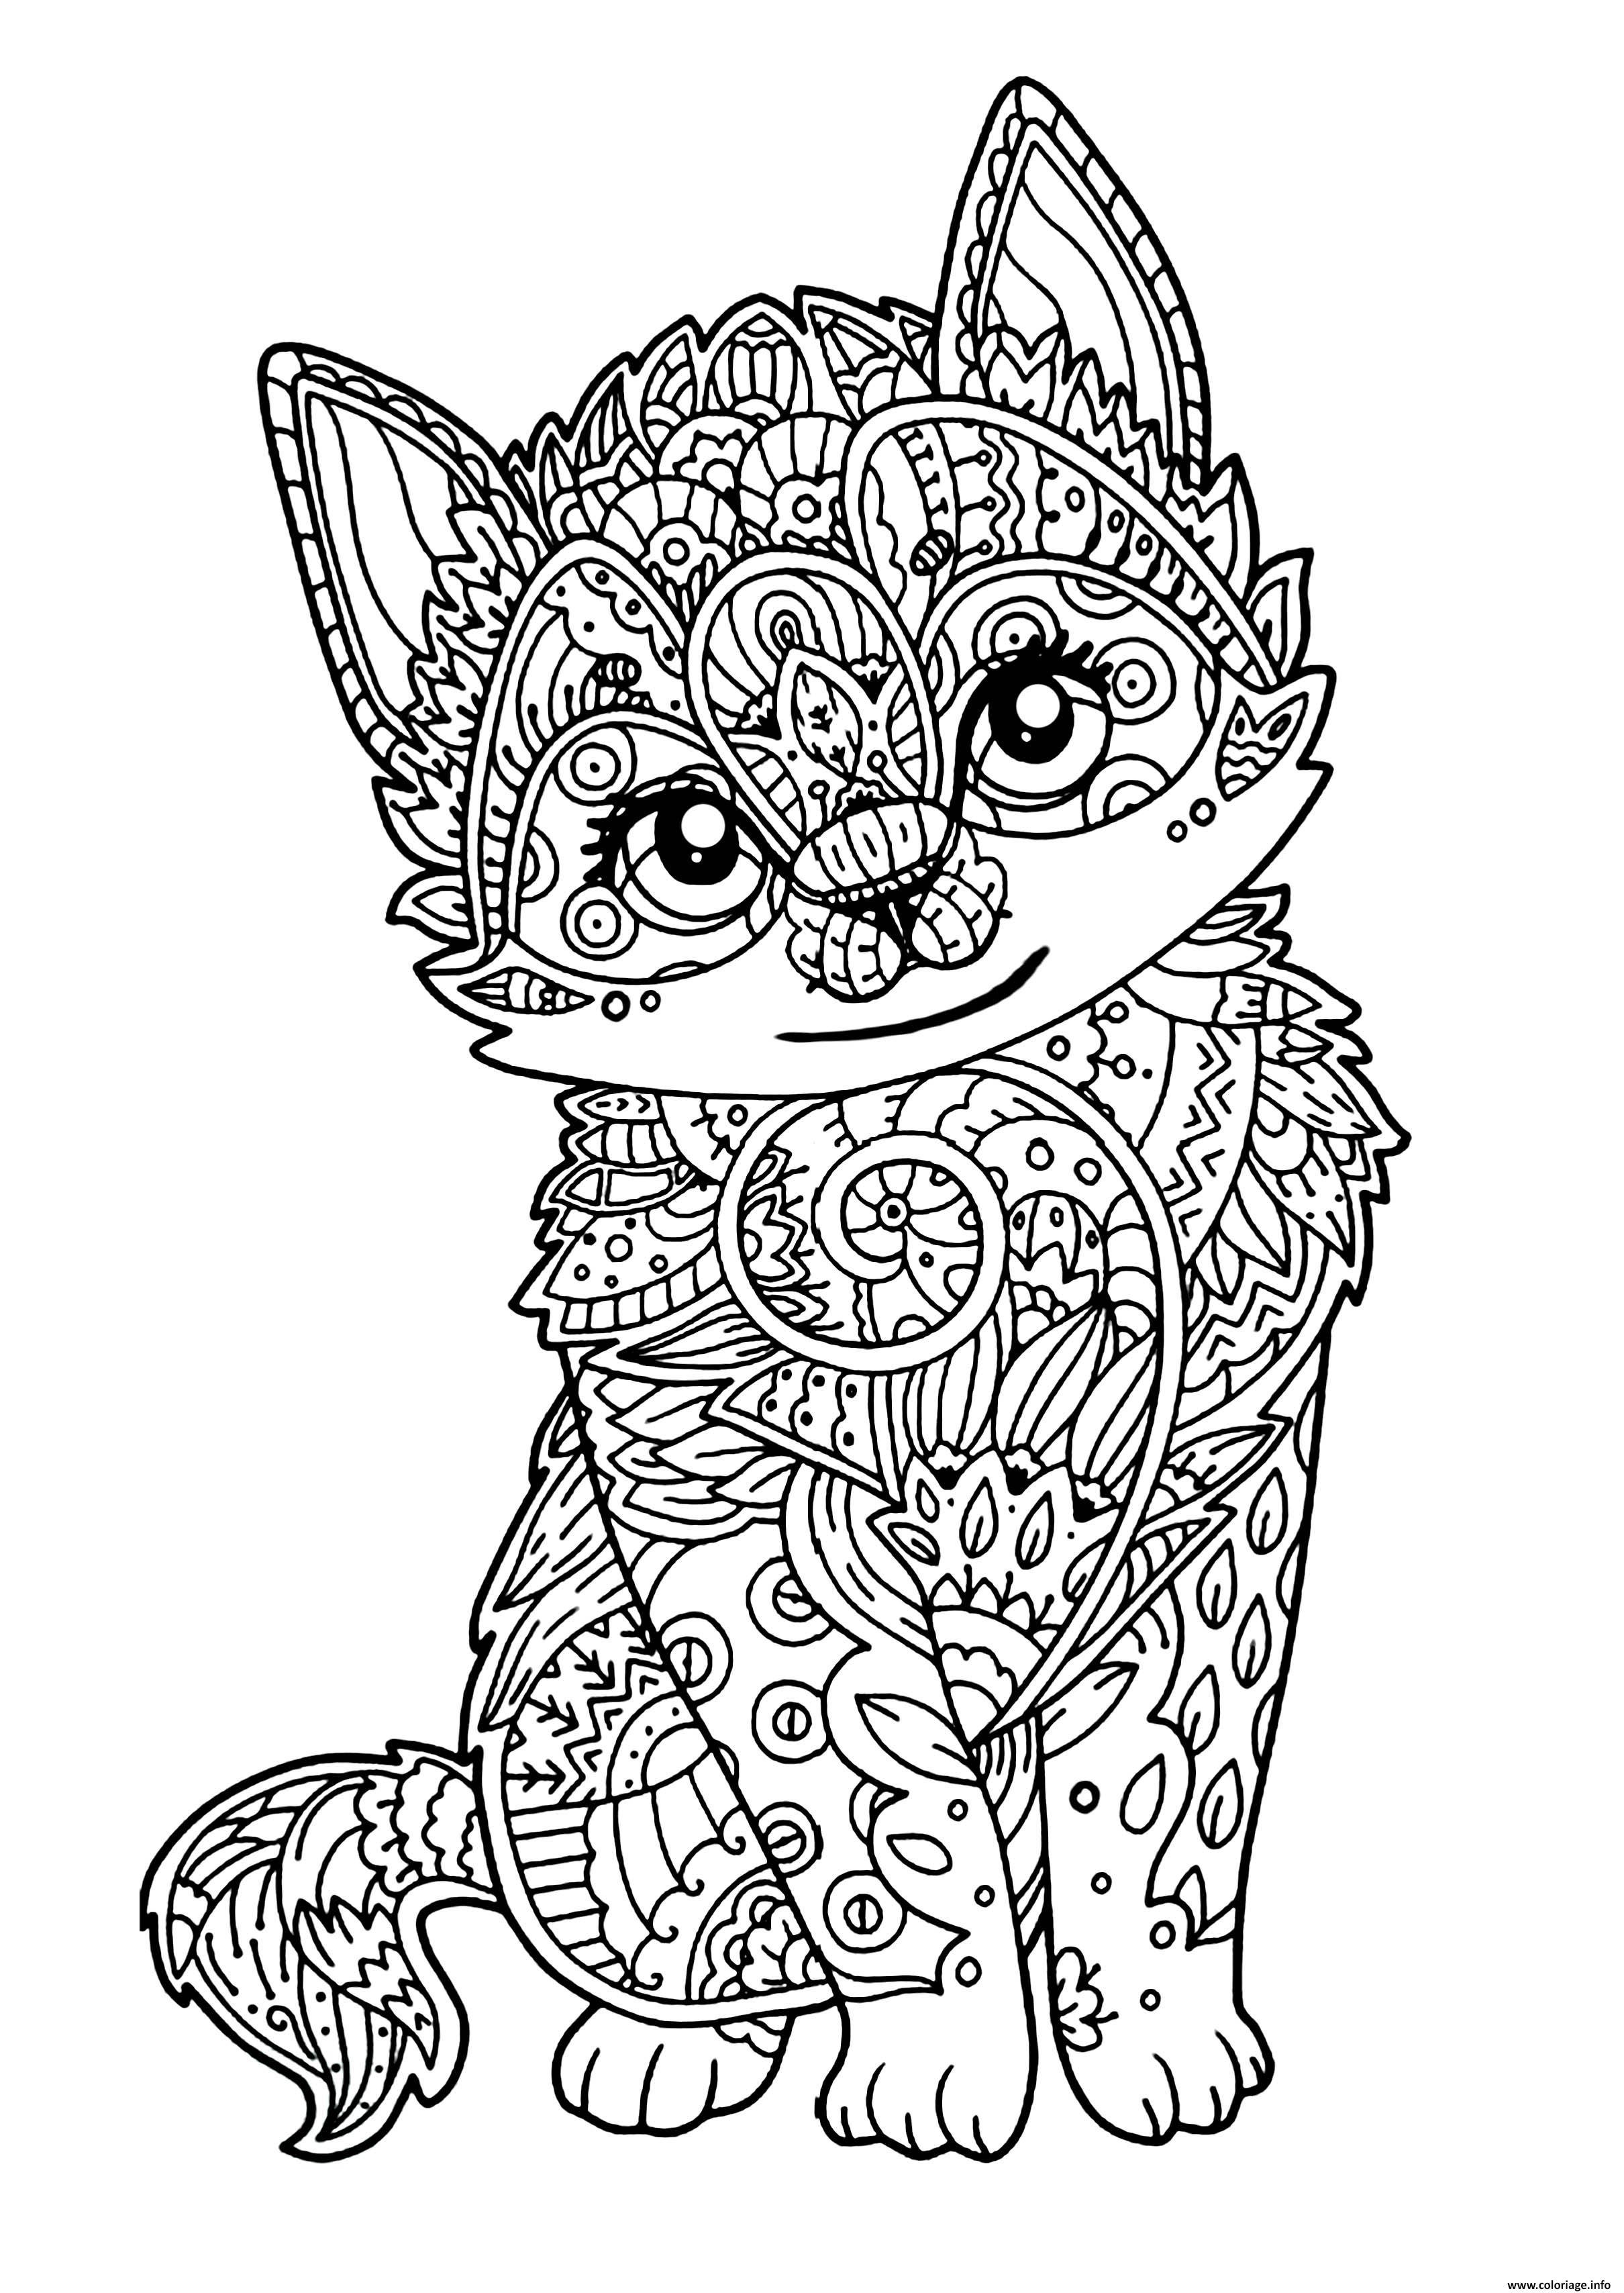 Coloriage de vrai chat a imprimer gratuitement